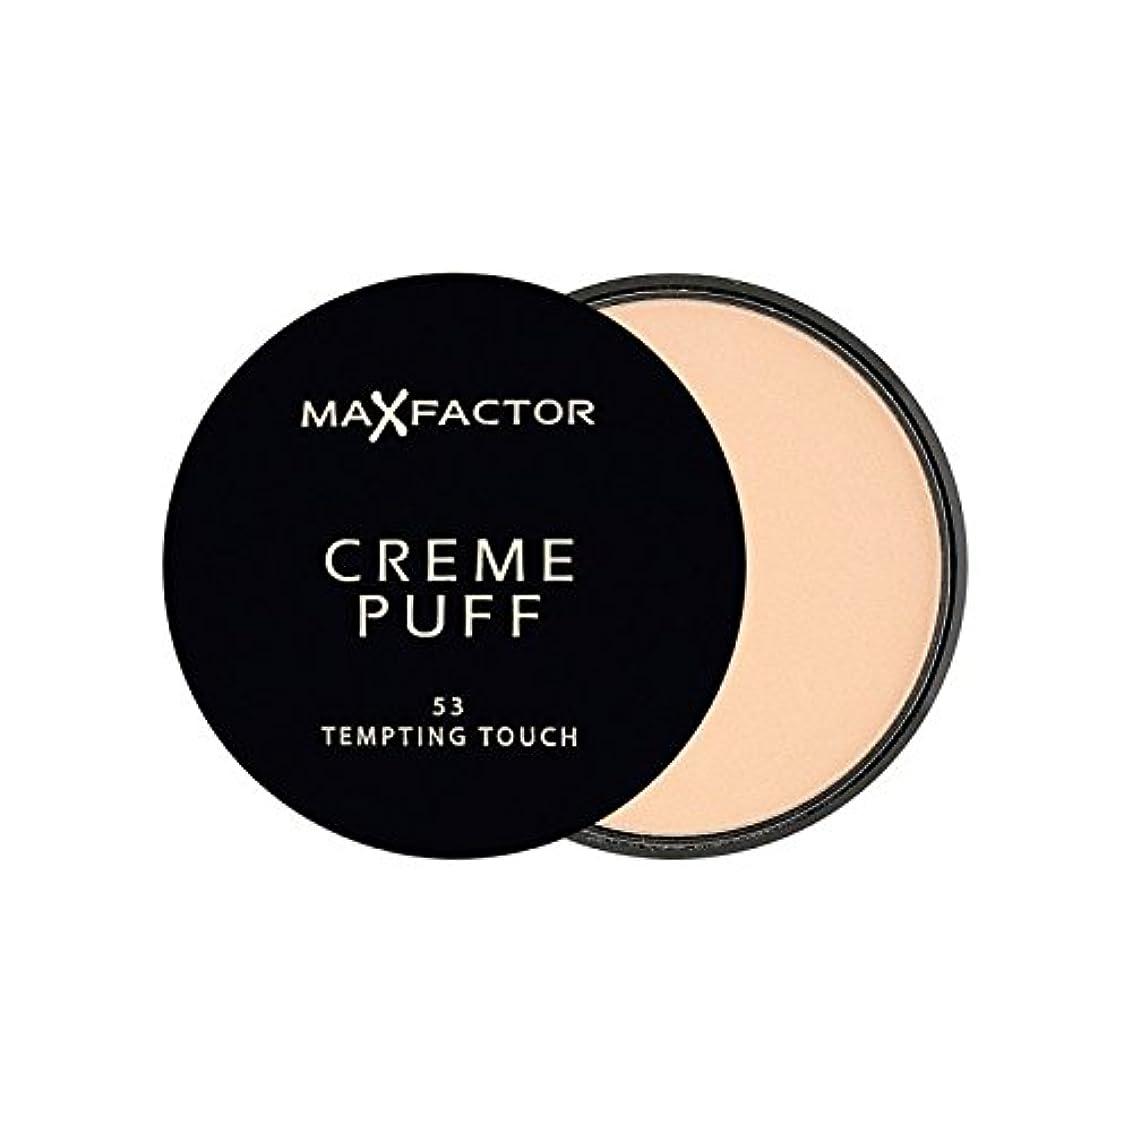 権利を与える桃予想外Max Factor Creme Puff Powder Compact Tempting Touch 53 - マックスファクタークリームパフパウダーコンパクト魅力的なタッチ53 [並行輸入品]